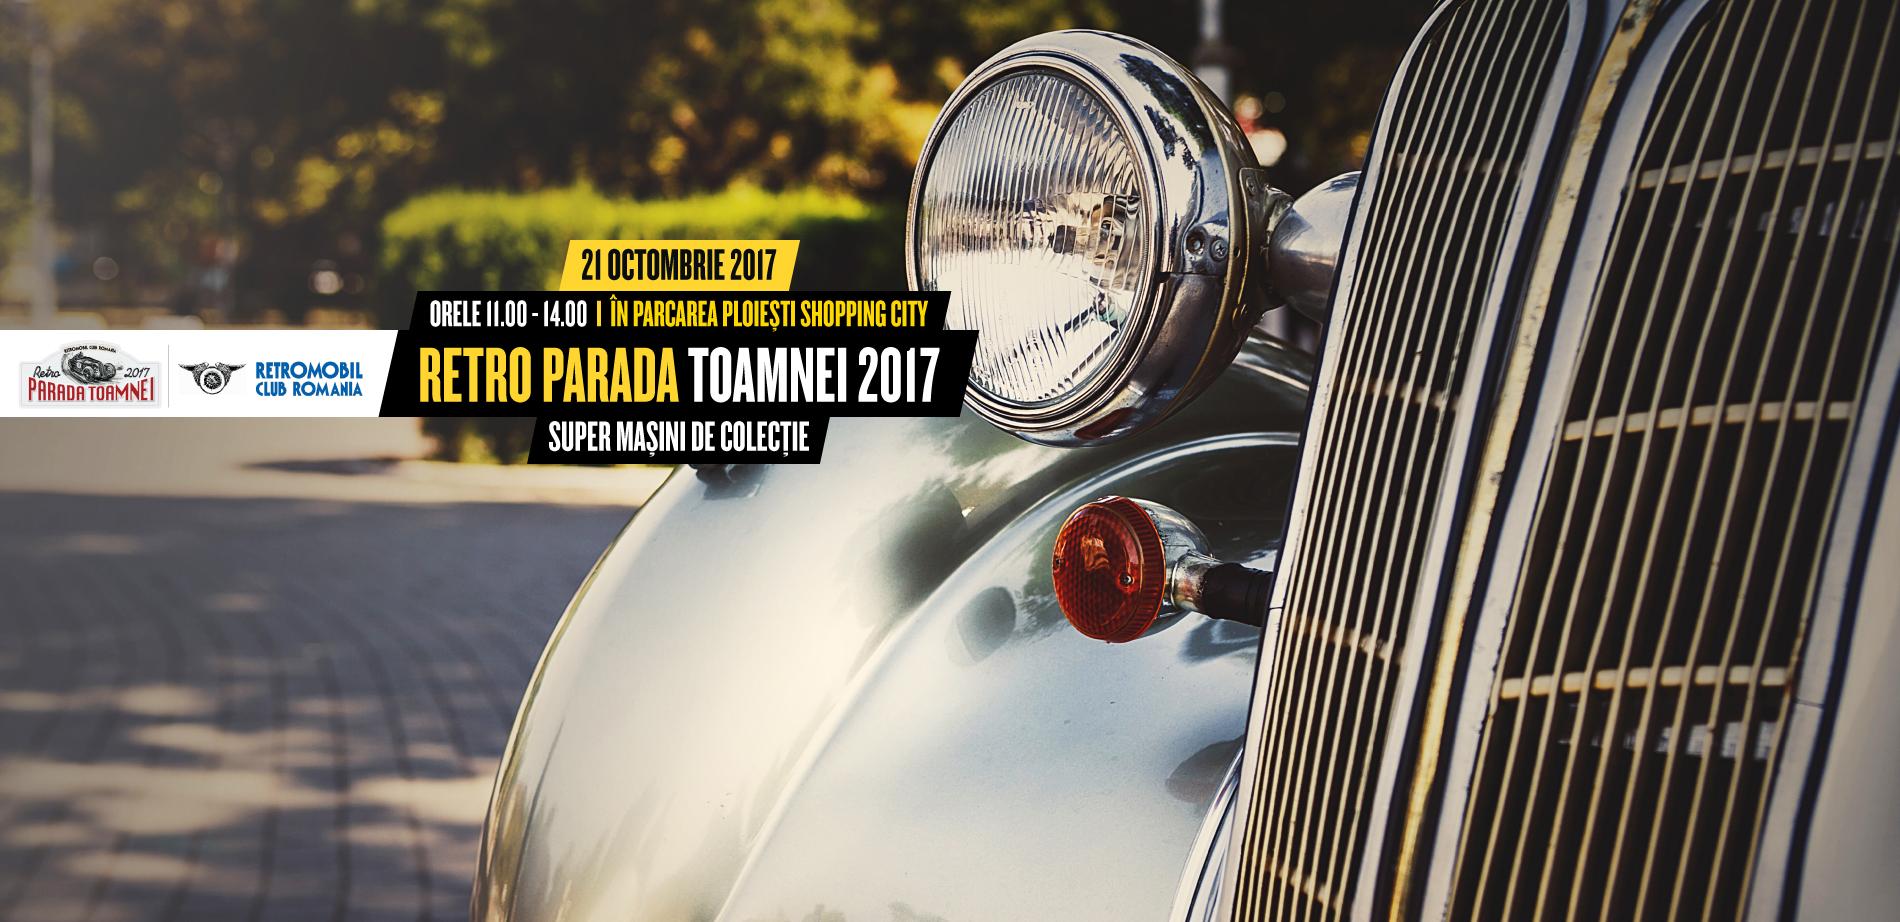 Retro Parada toamnei te așteaptă la Ploiești Shopping City!